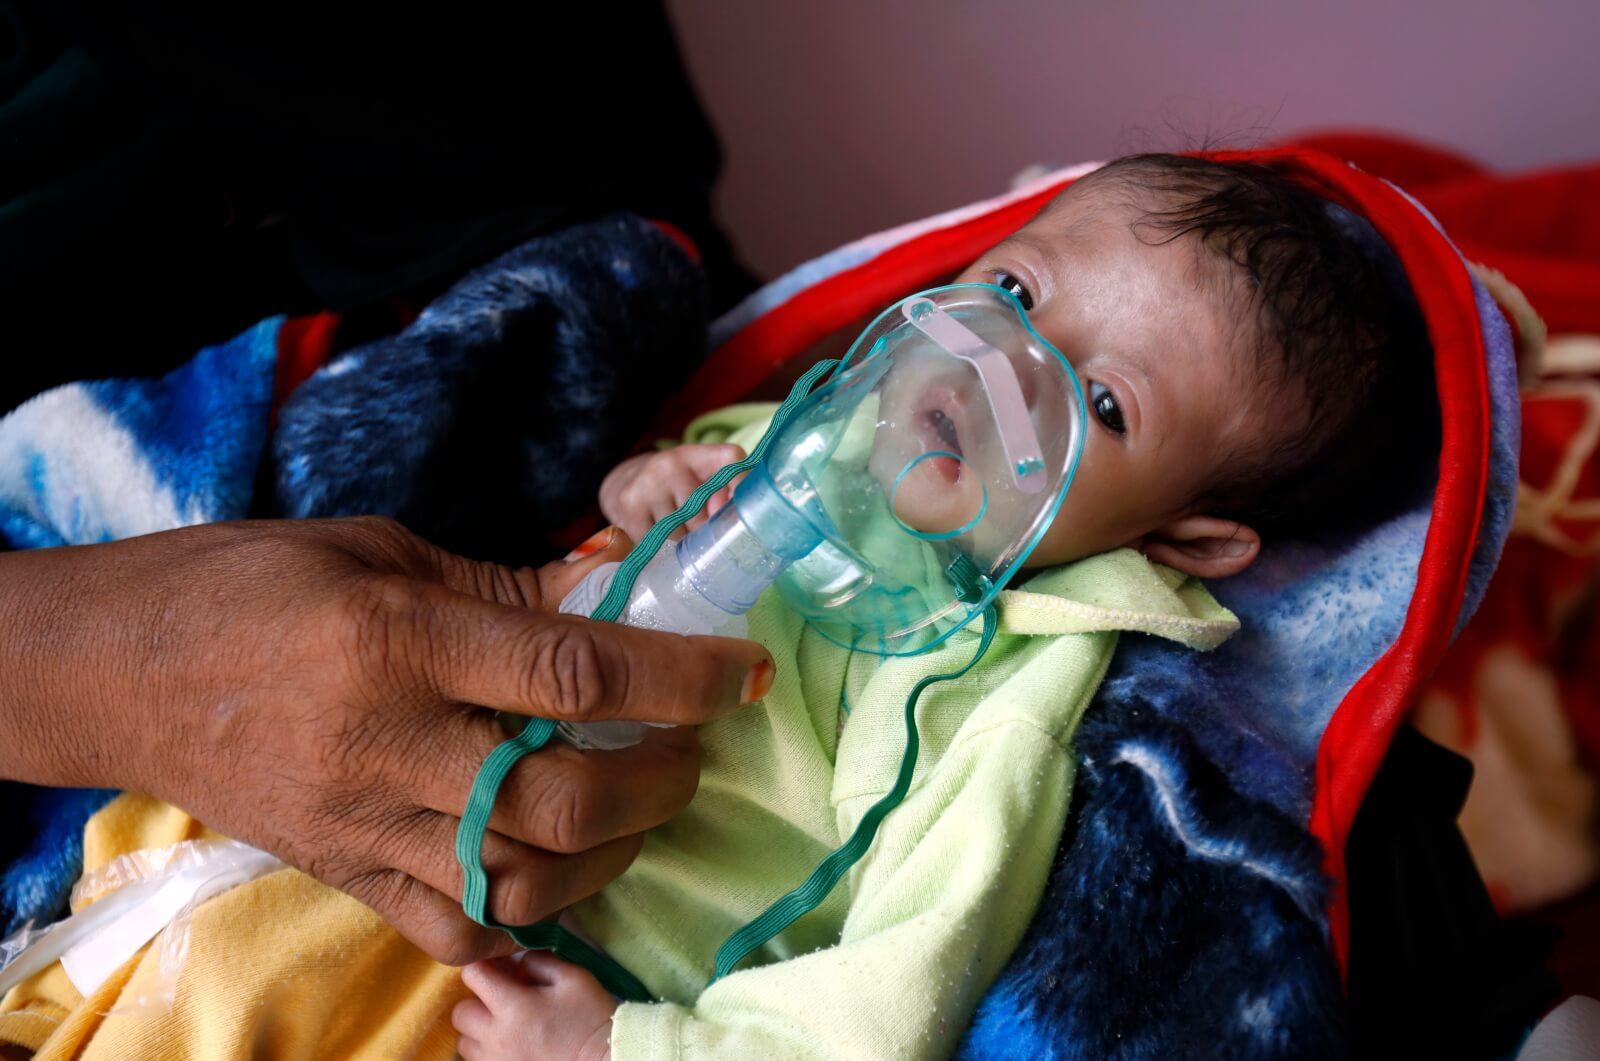 Dzieci cierpiące przez konflikt w Jemenie fot. EPA/YAHYA ARHAB